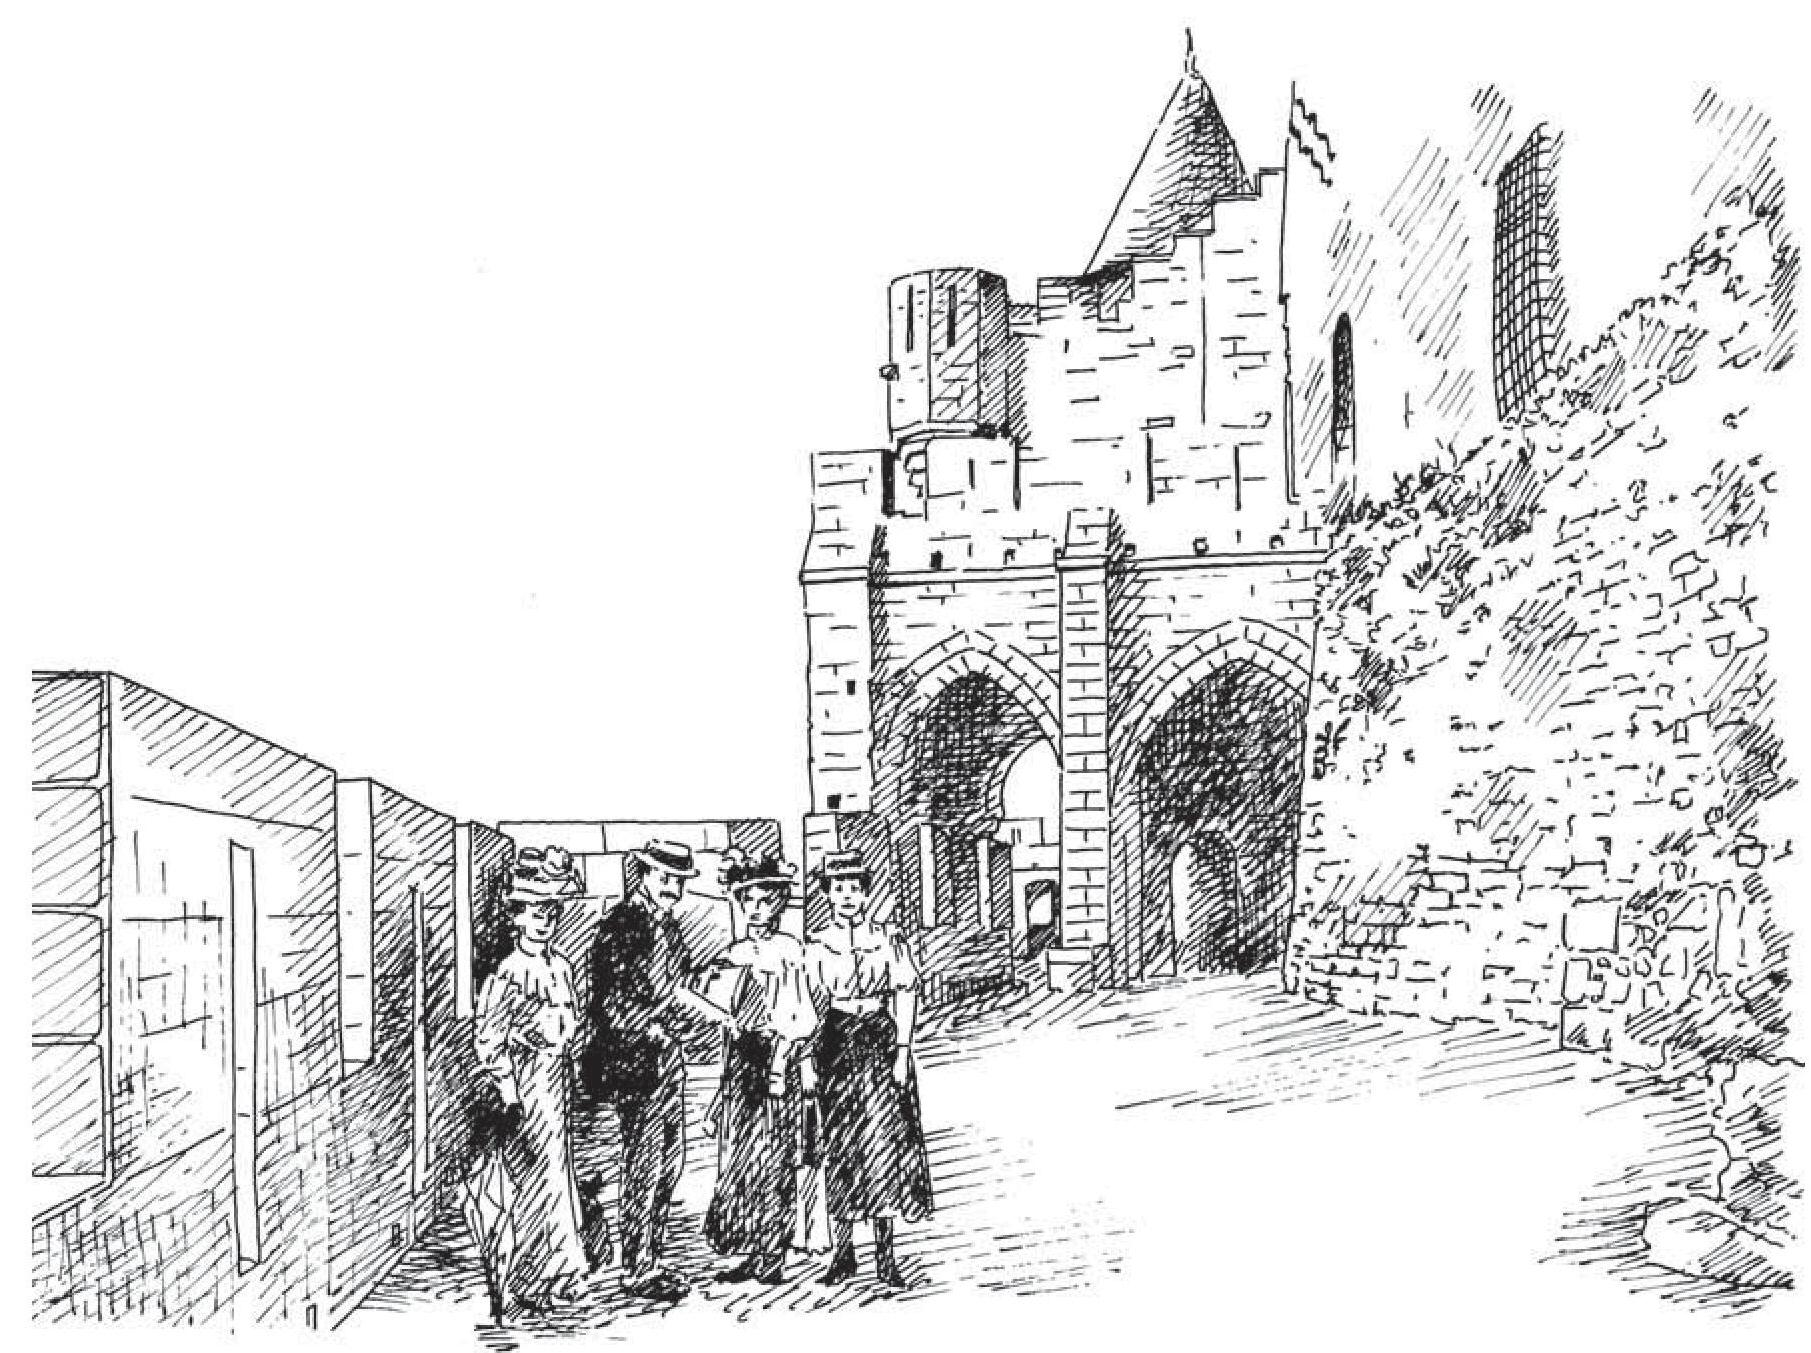 carcassonne site de rencontre pour vieille femme mariée